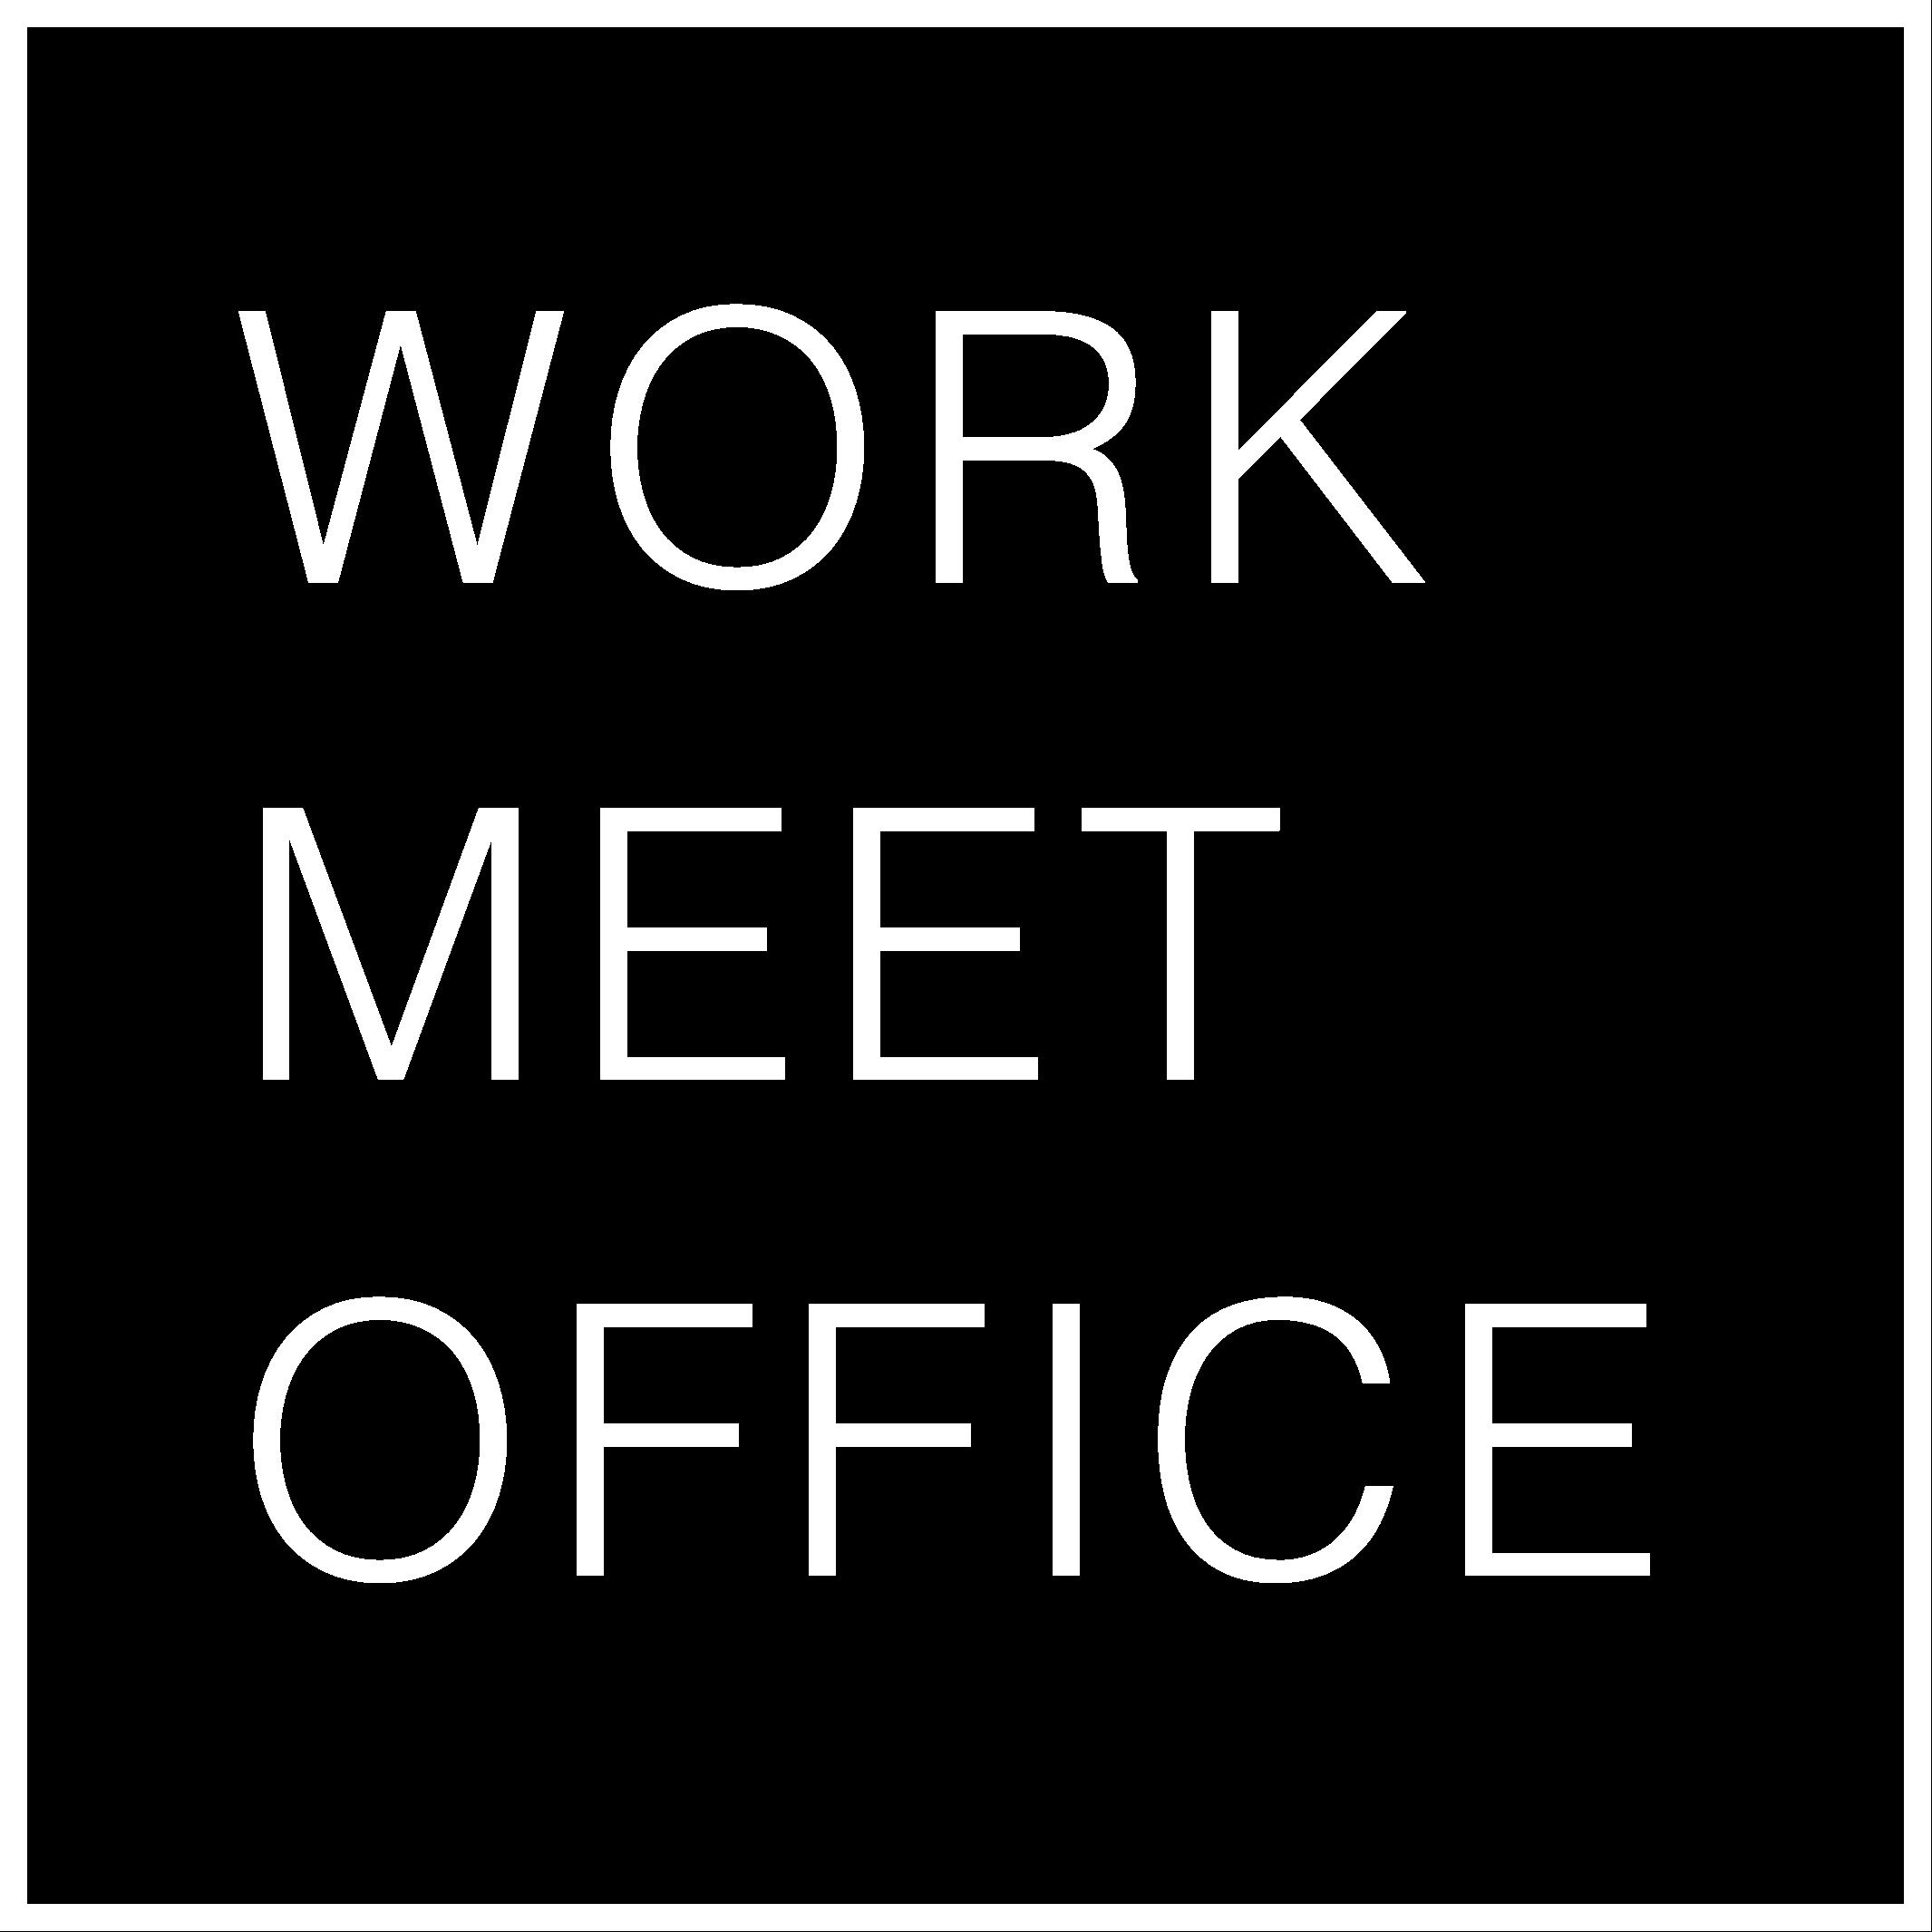 WORK, MEET, OFFICE